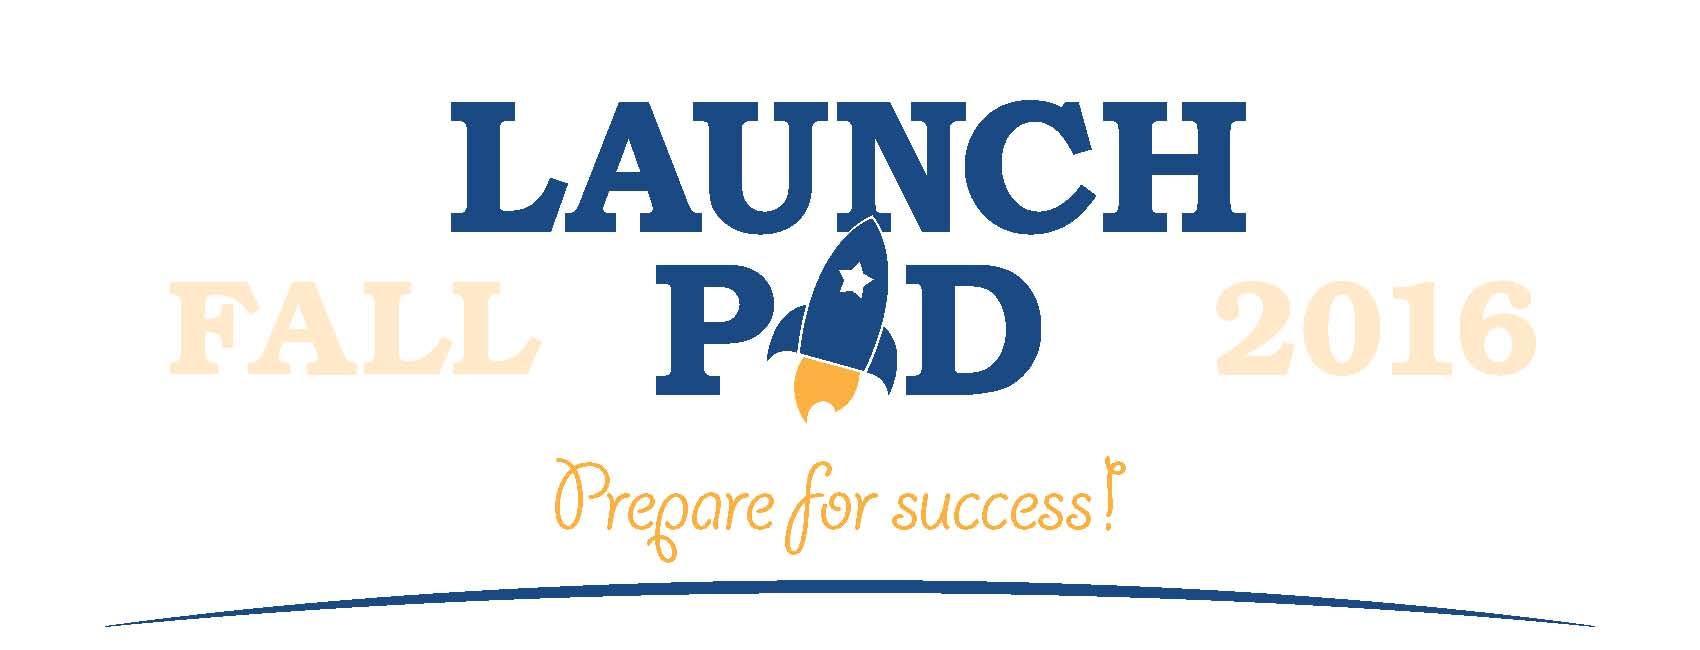 LaunchPadFall2016